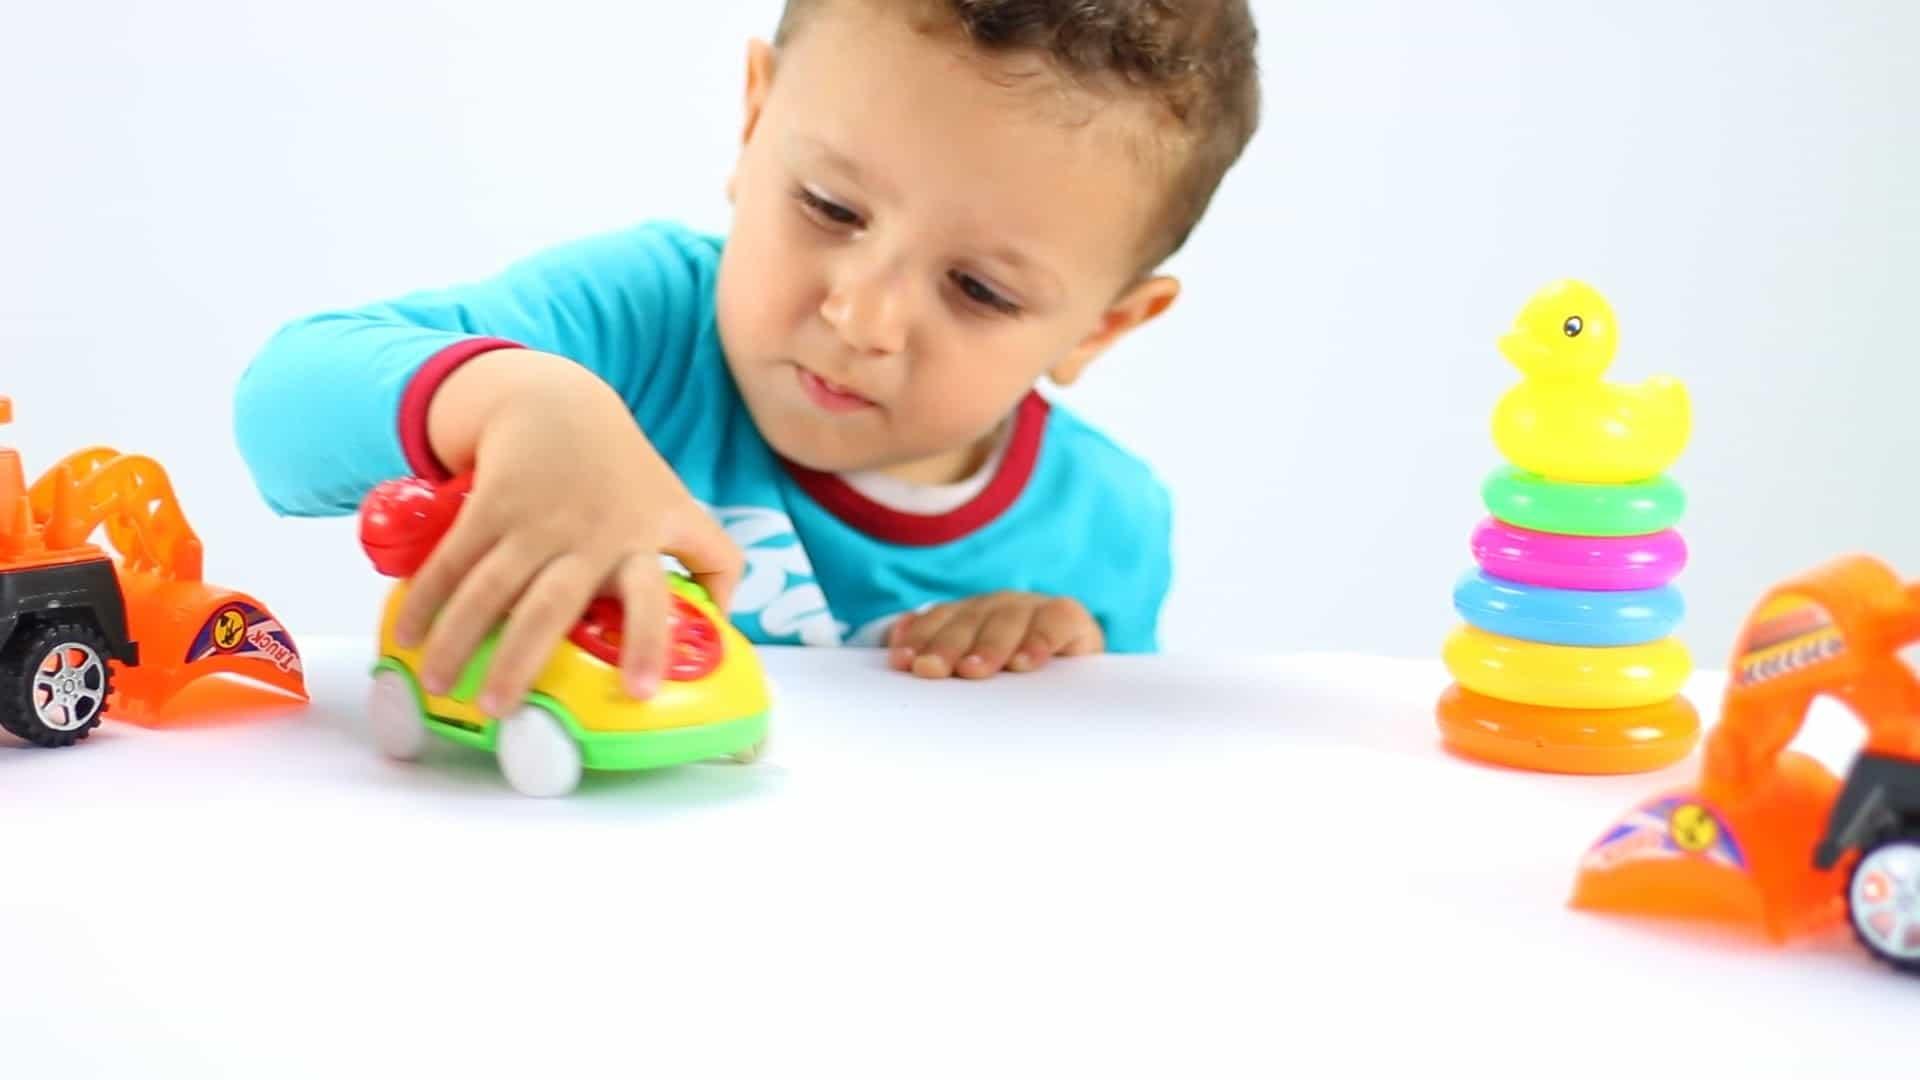 memilih mainan anak